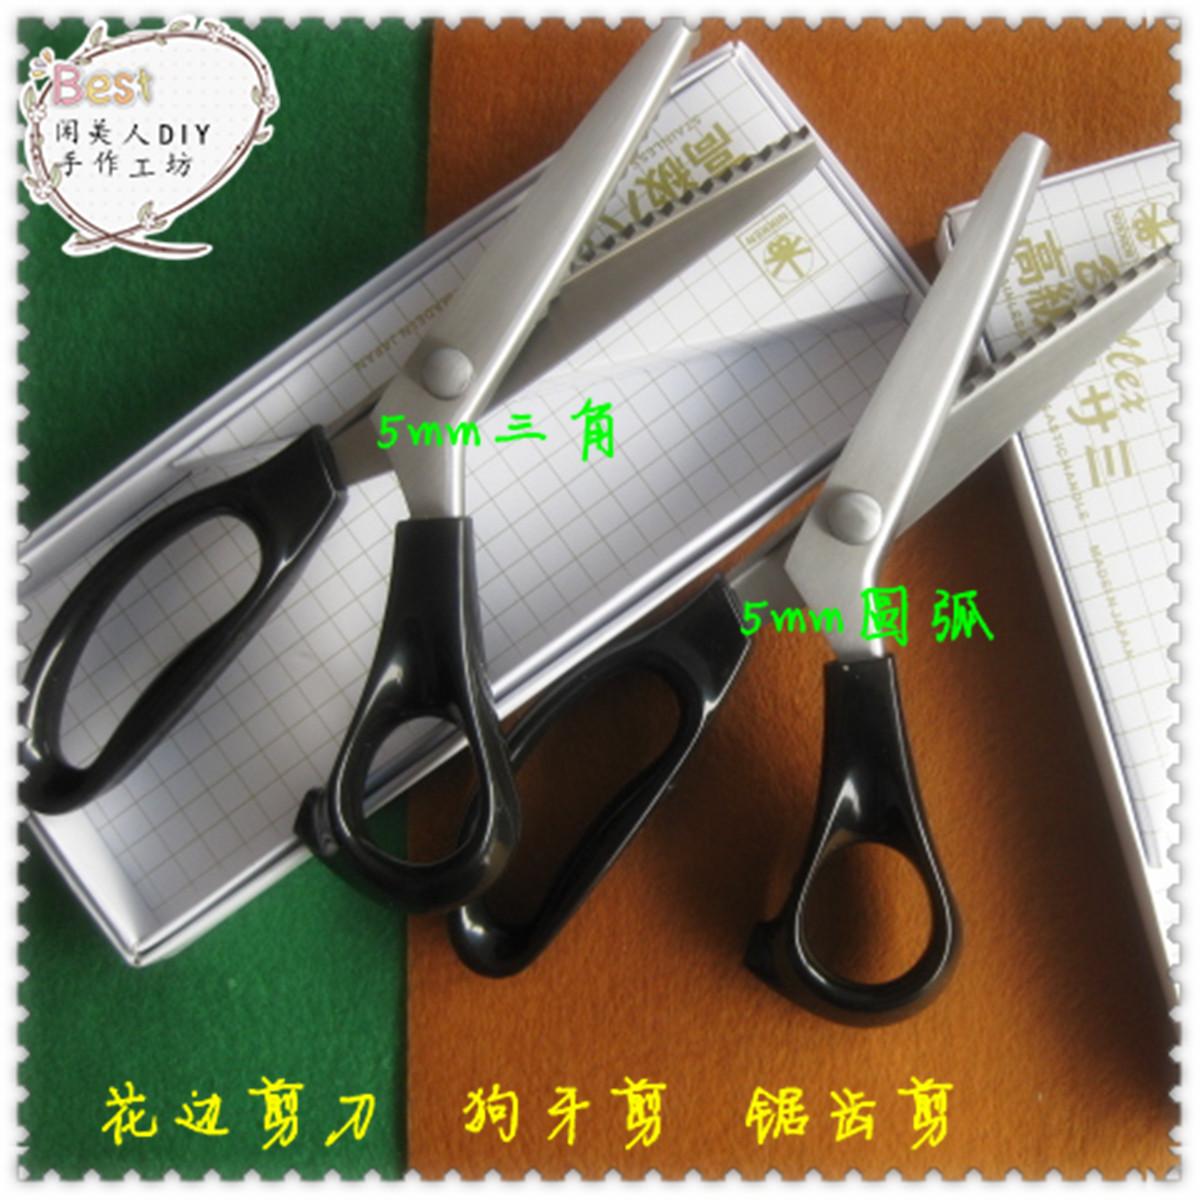 Бесплатно красота DIY кружев ткань ножницы Ножницы зубчатыми резки зубы, вырезать ножницами передний край ткани